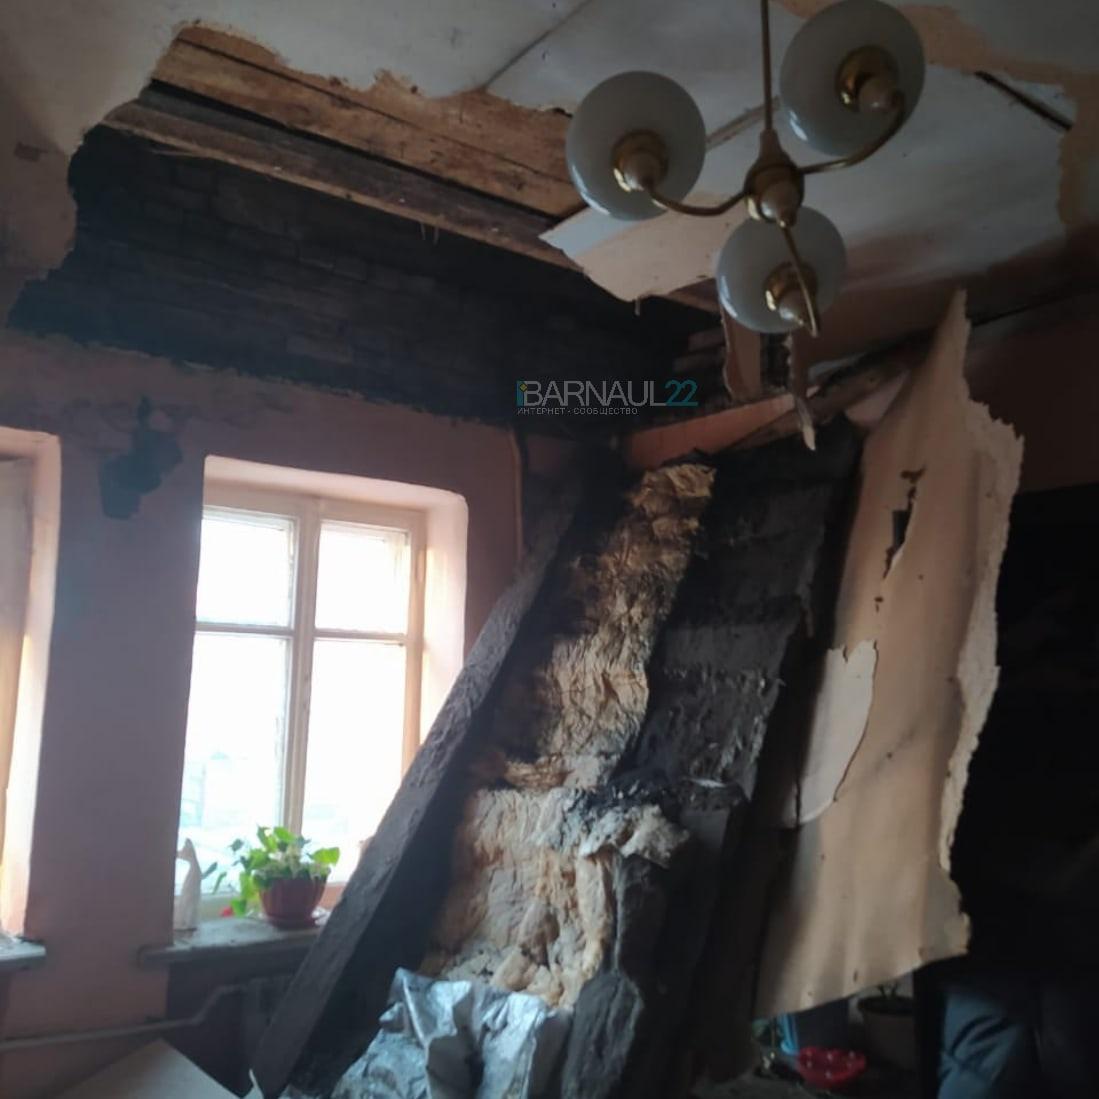 Не дождавшиеся расселения жильцы аварийного дома Барнауле чудом пострадали обрушении потолка обновлено